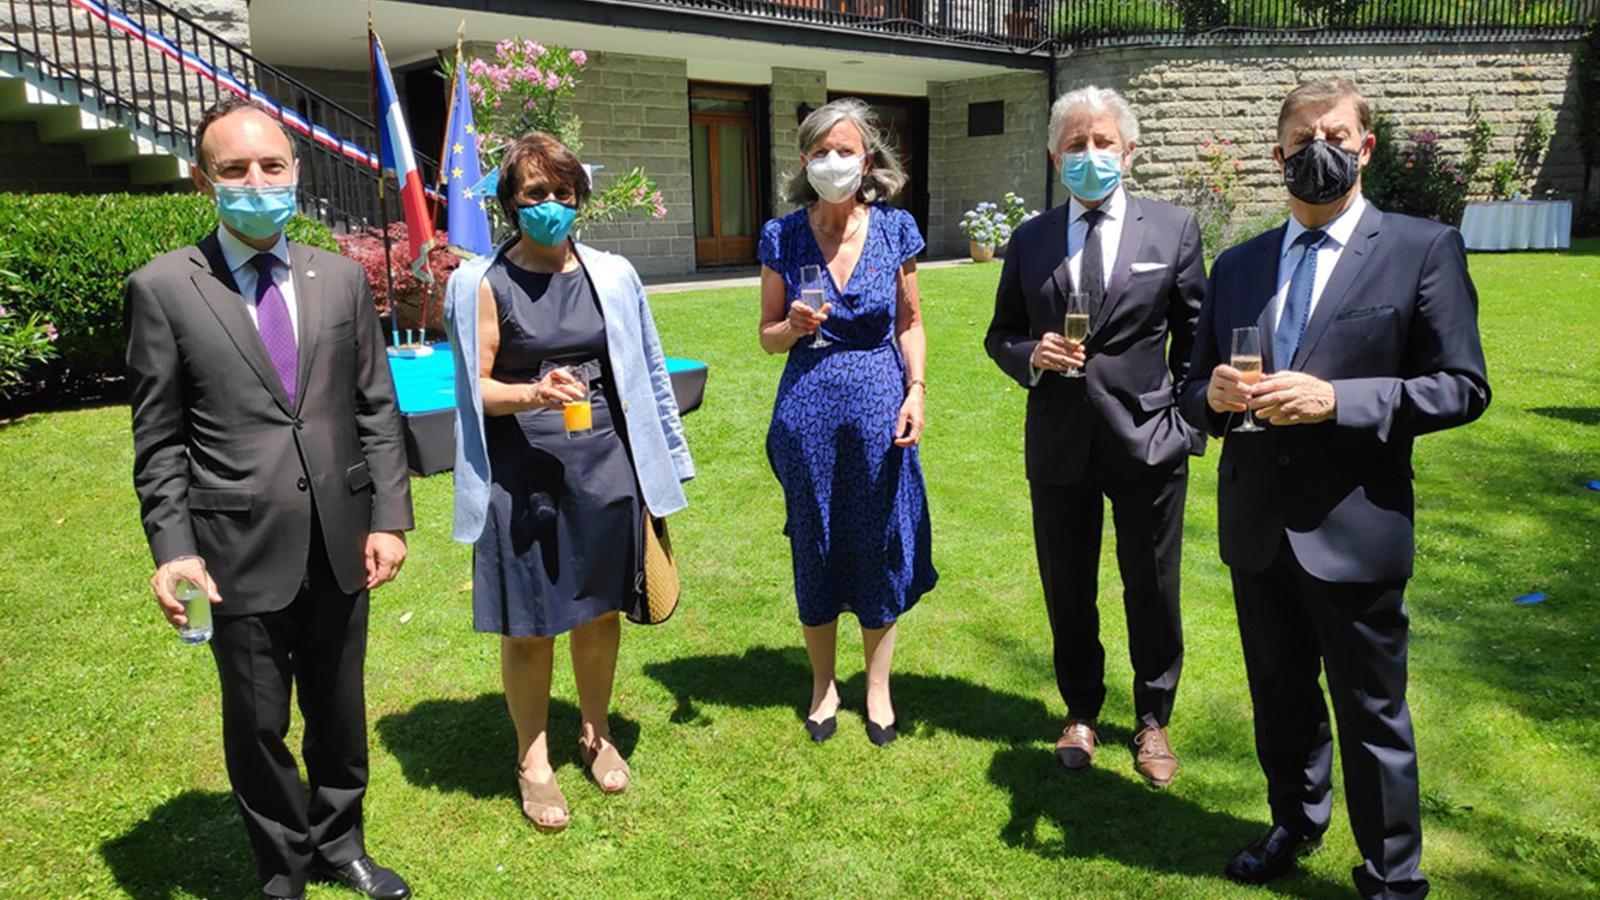 L'ambaixadora francesa, Jocelyne Caballero, amb les autoritats del país